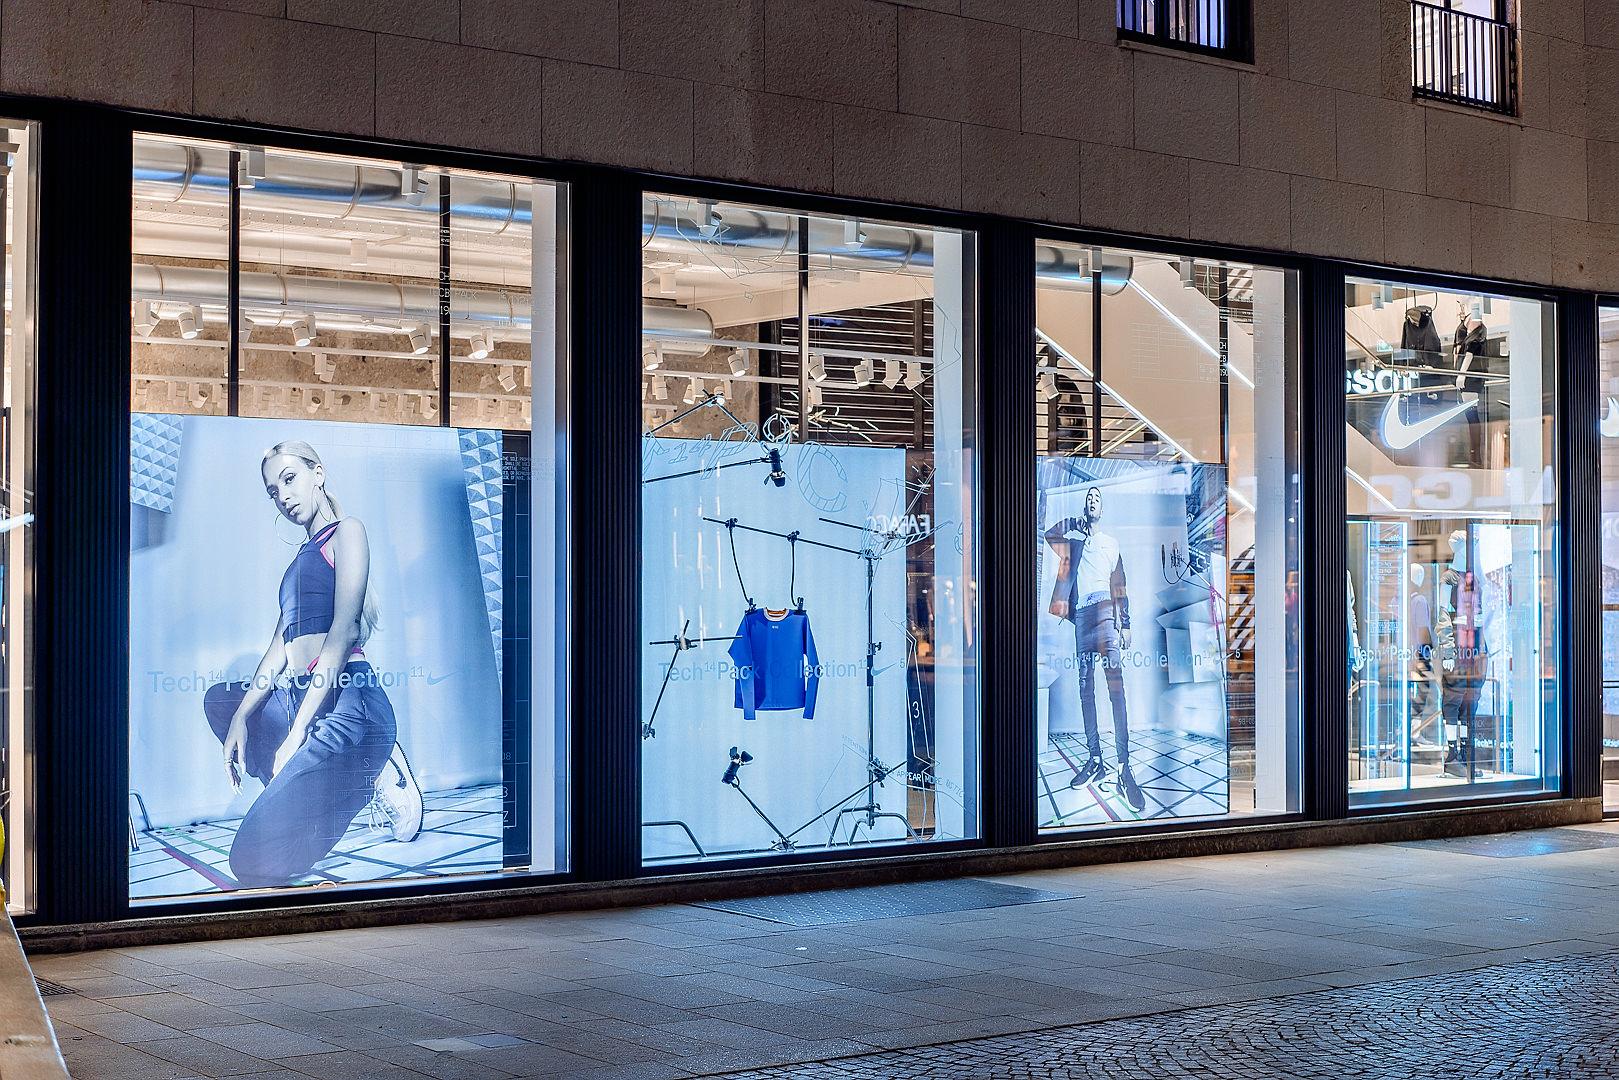 2018_09_14_Nike_Store_CVE_0202.jpg